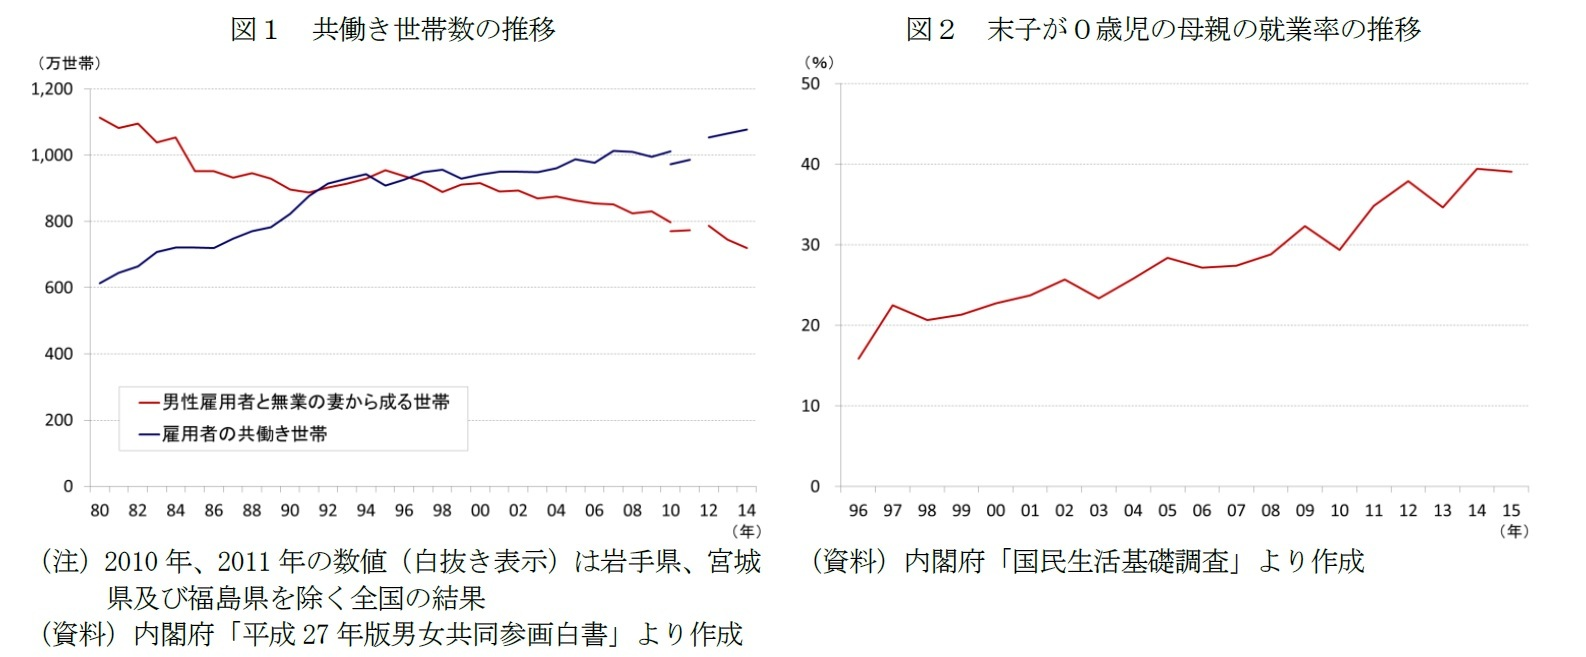 図1 共働き世帯数の推移/図2 末子が0歳児の母親の就業率の推移